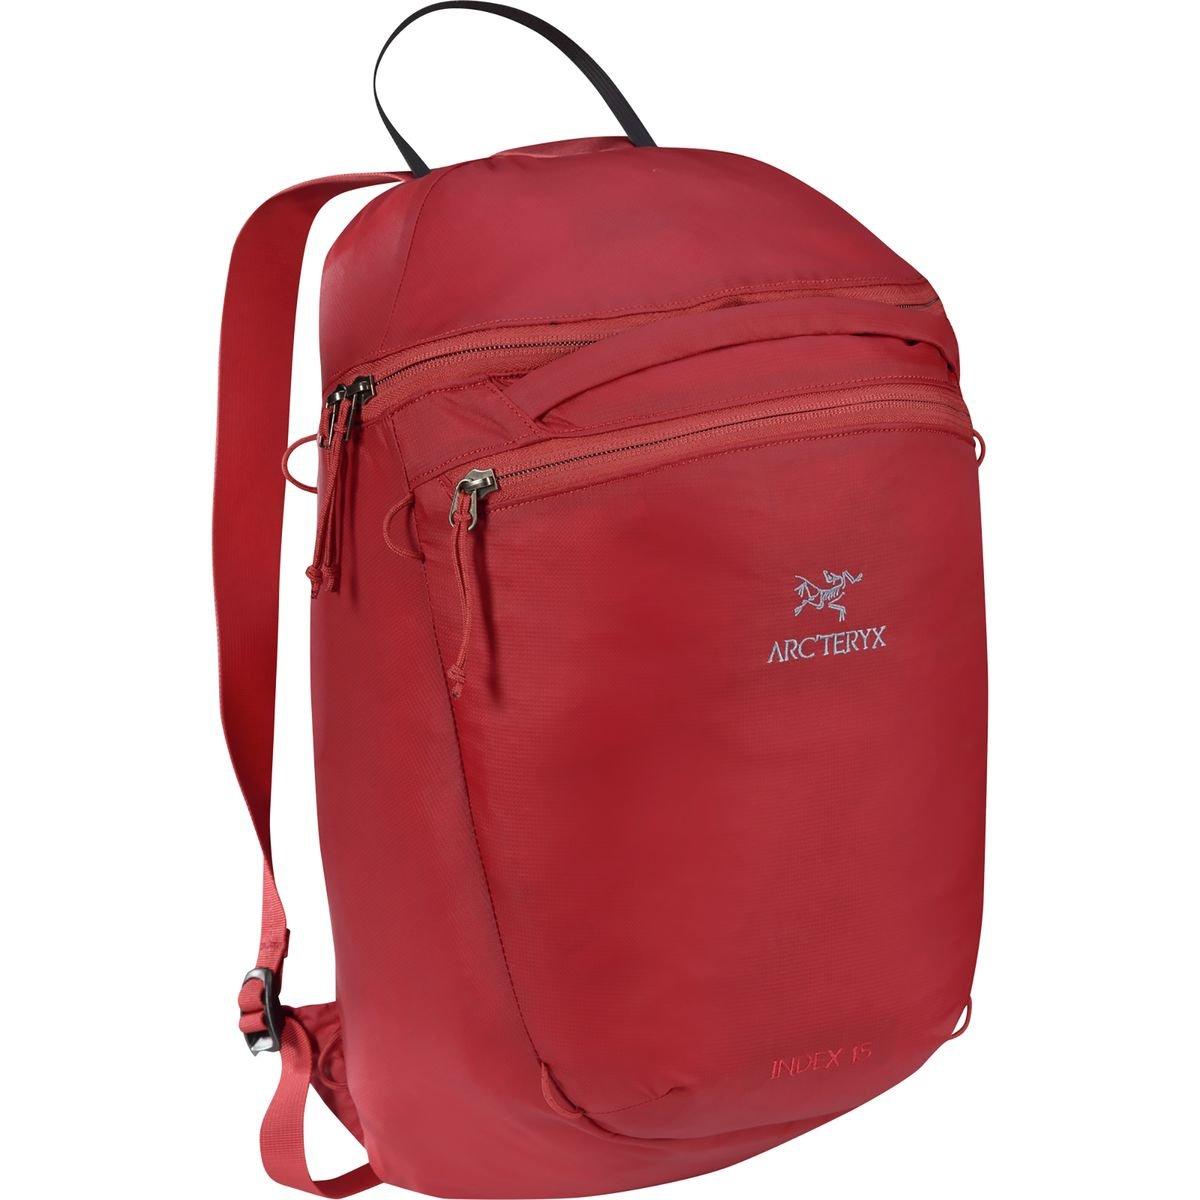 (アークテリクス) Arc'teryx Index 15L Backpackメンズ バックパック リュック Sangria [並行輸入品] One Size  B073VF3DV5